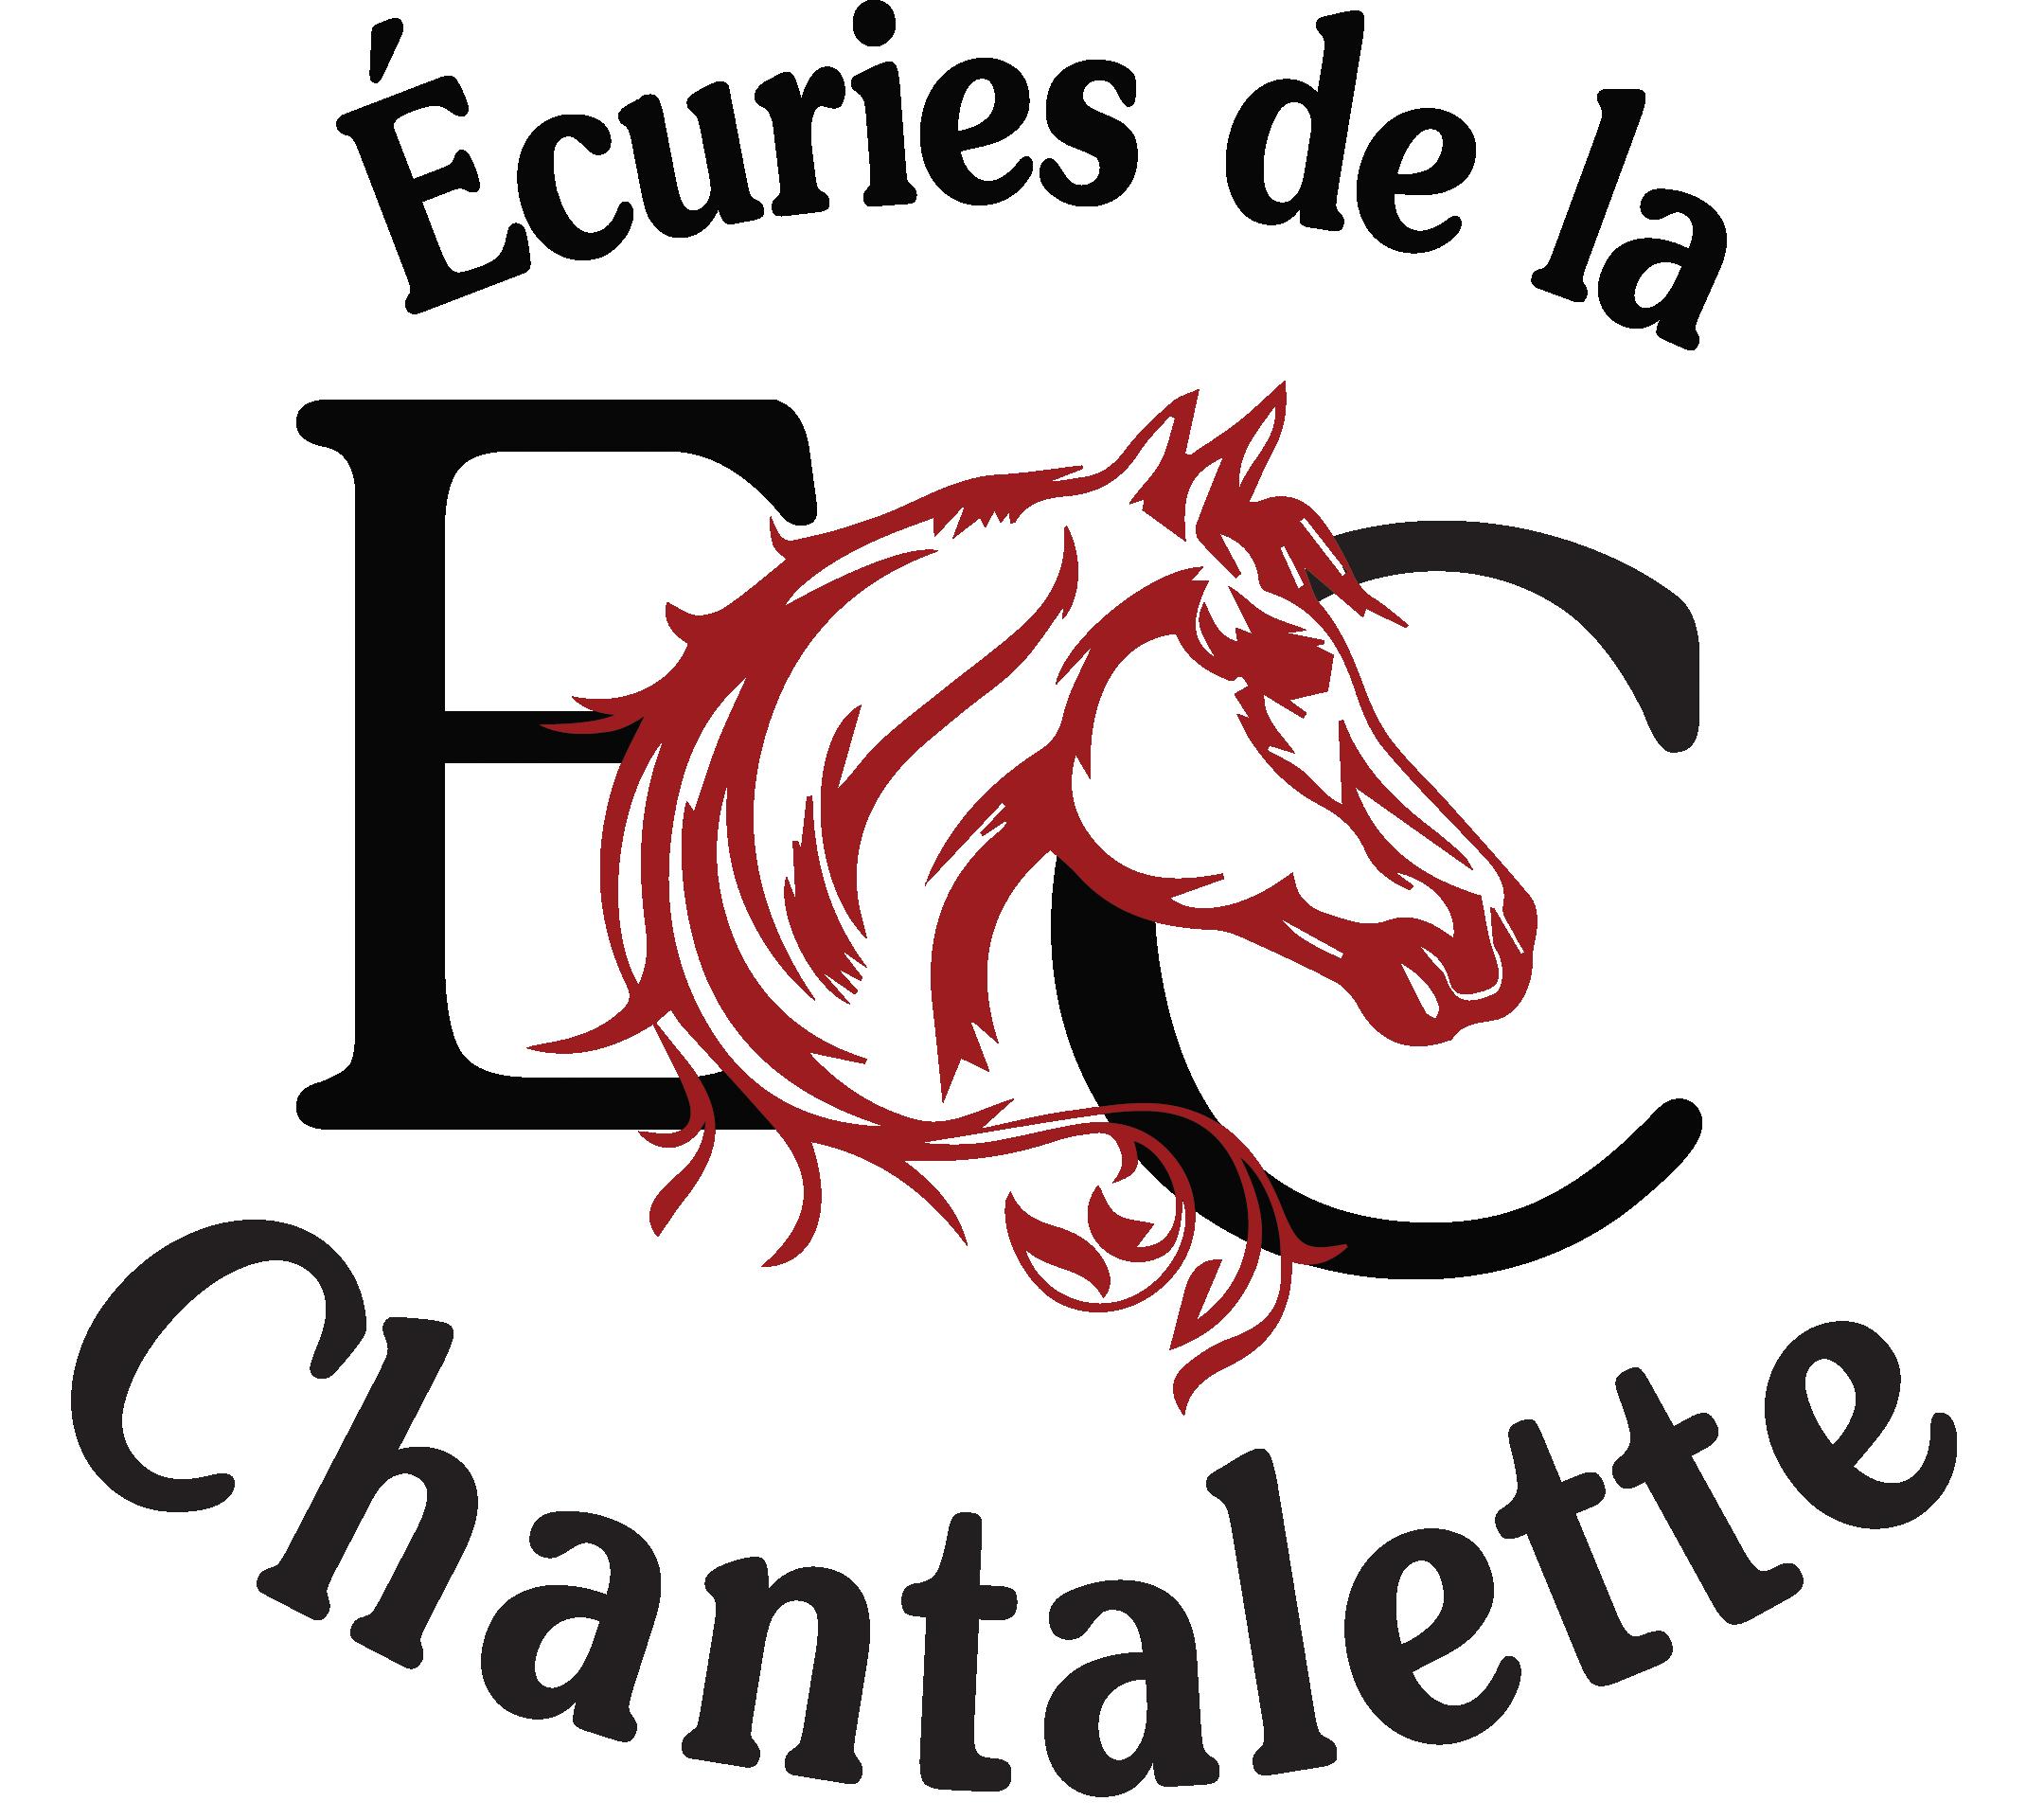 ecuries-centre equestre-pension pour chevaux-concours equestres-concours club-concours amateurs-concours jeunes chevaux-vente de chevaux-chevaux en vente-depot vente chevaux-sejours equestres-equitation concours SEO aimargues